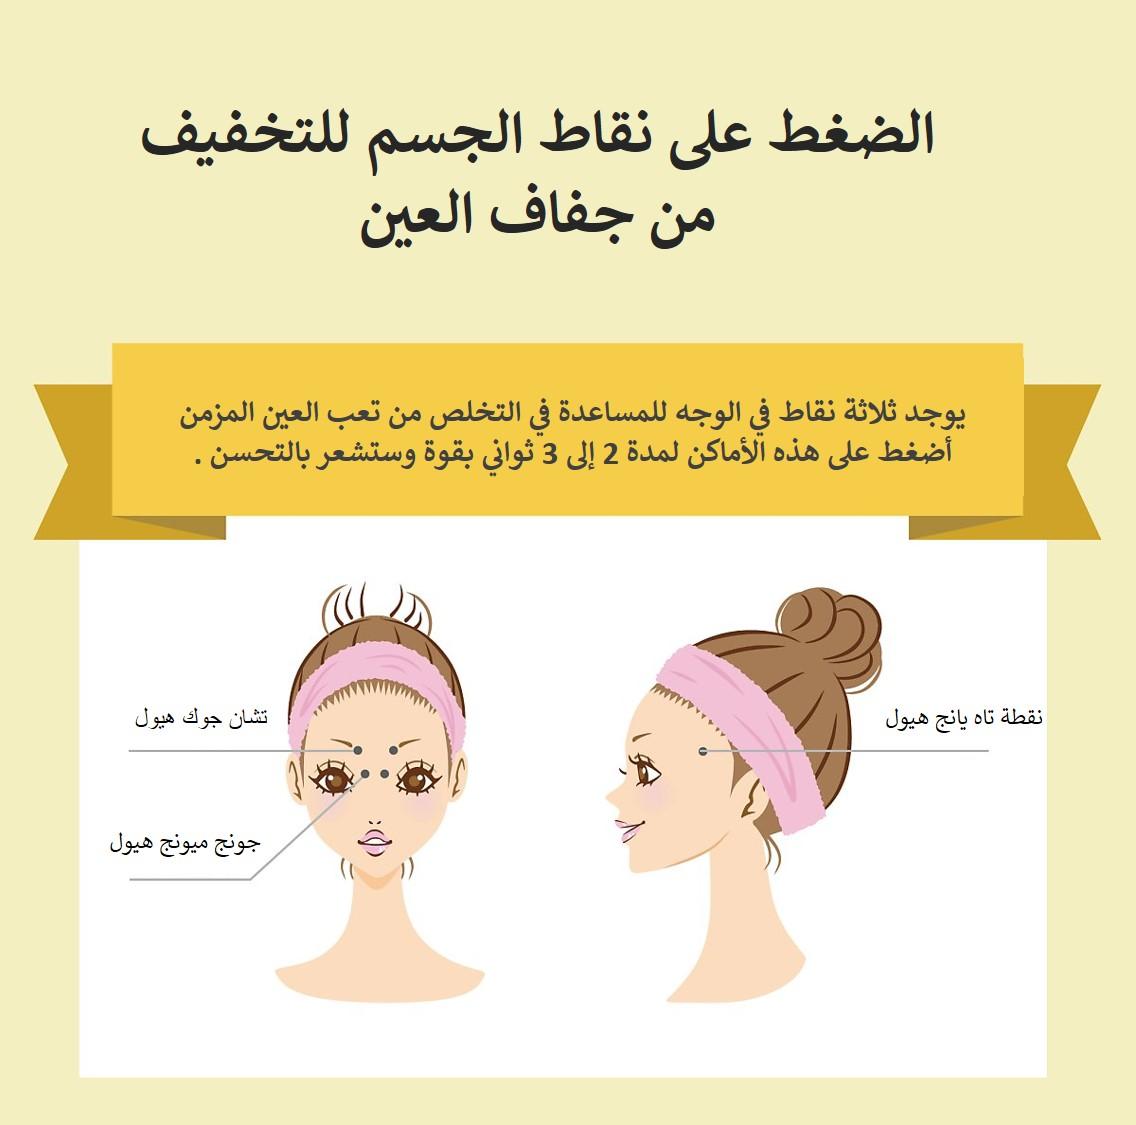 الضغط على نقاط الجسم للتخفيف من جفاف العين